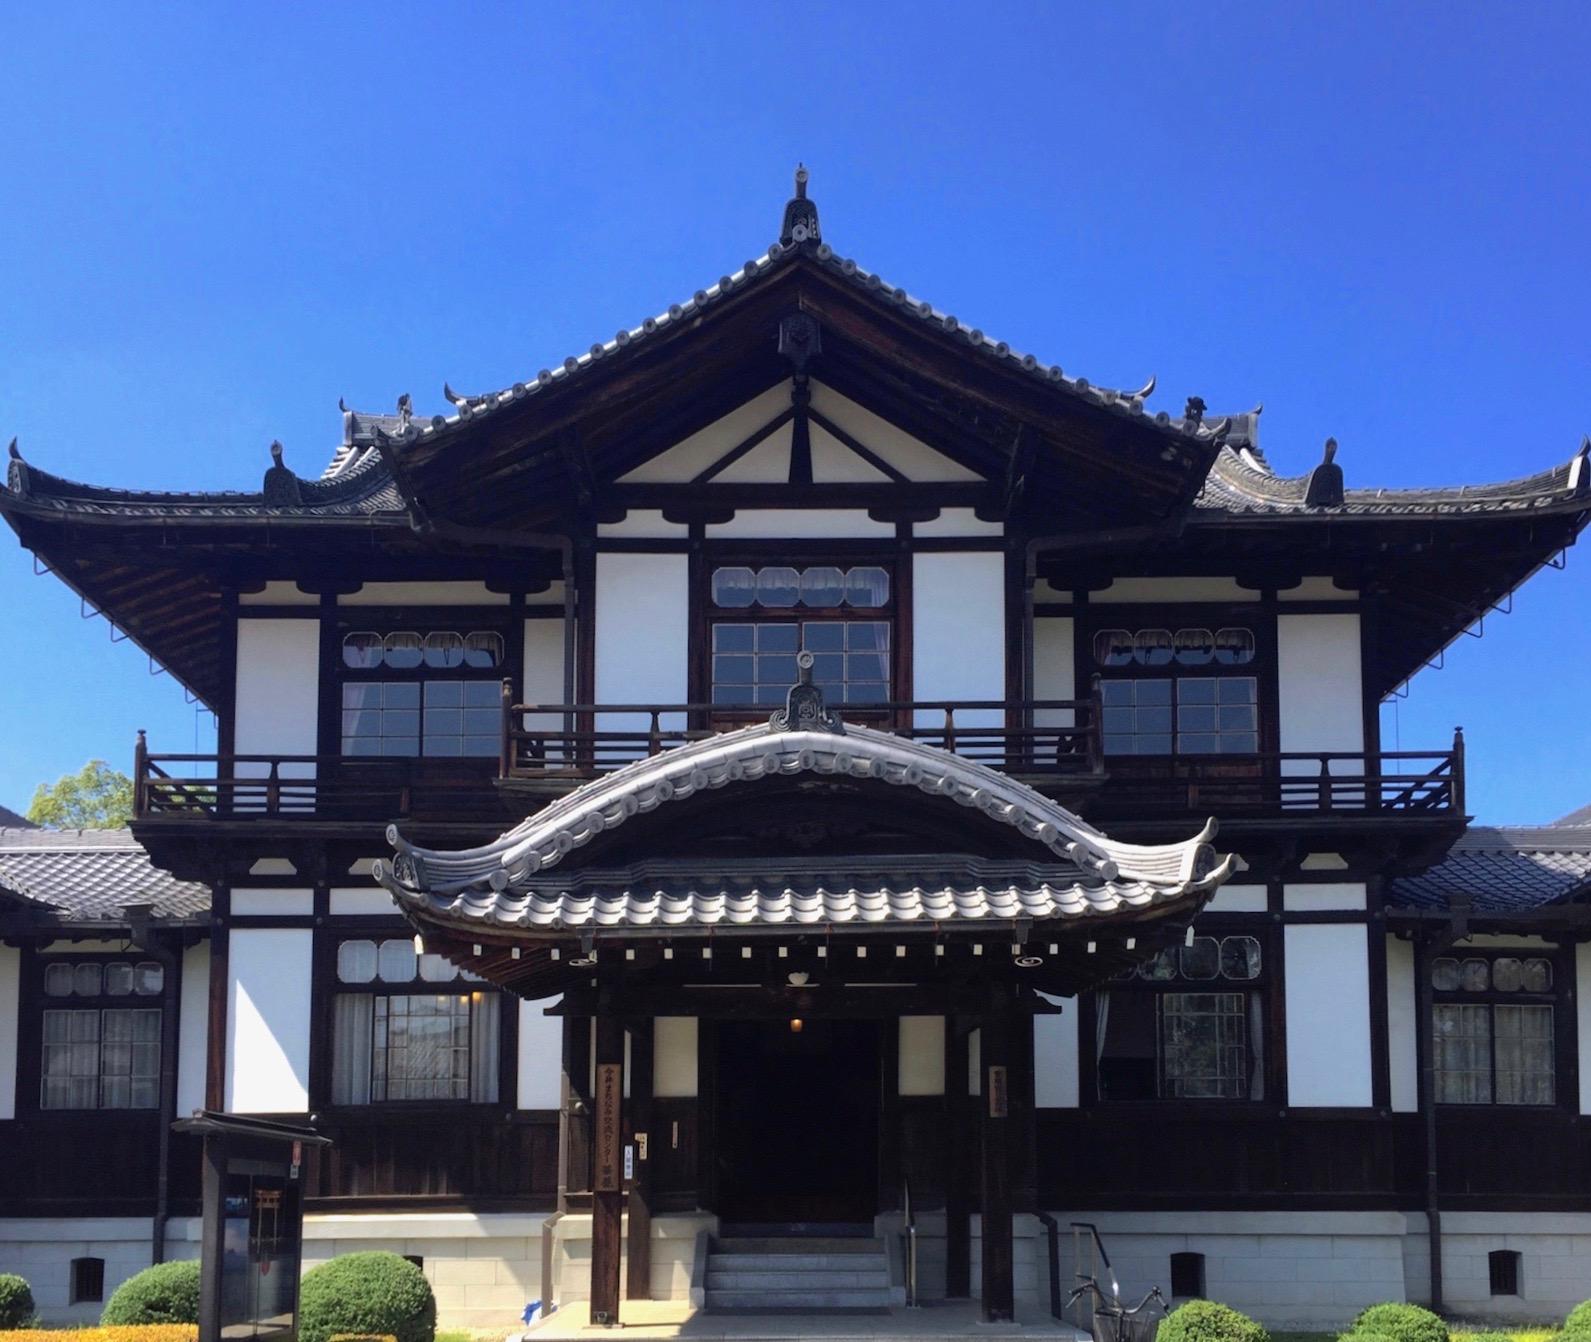 今井まちなみ交流センター華甍(旧高市郡教育博物館)